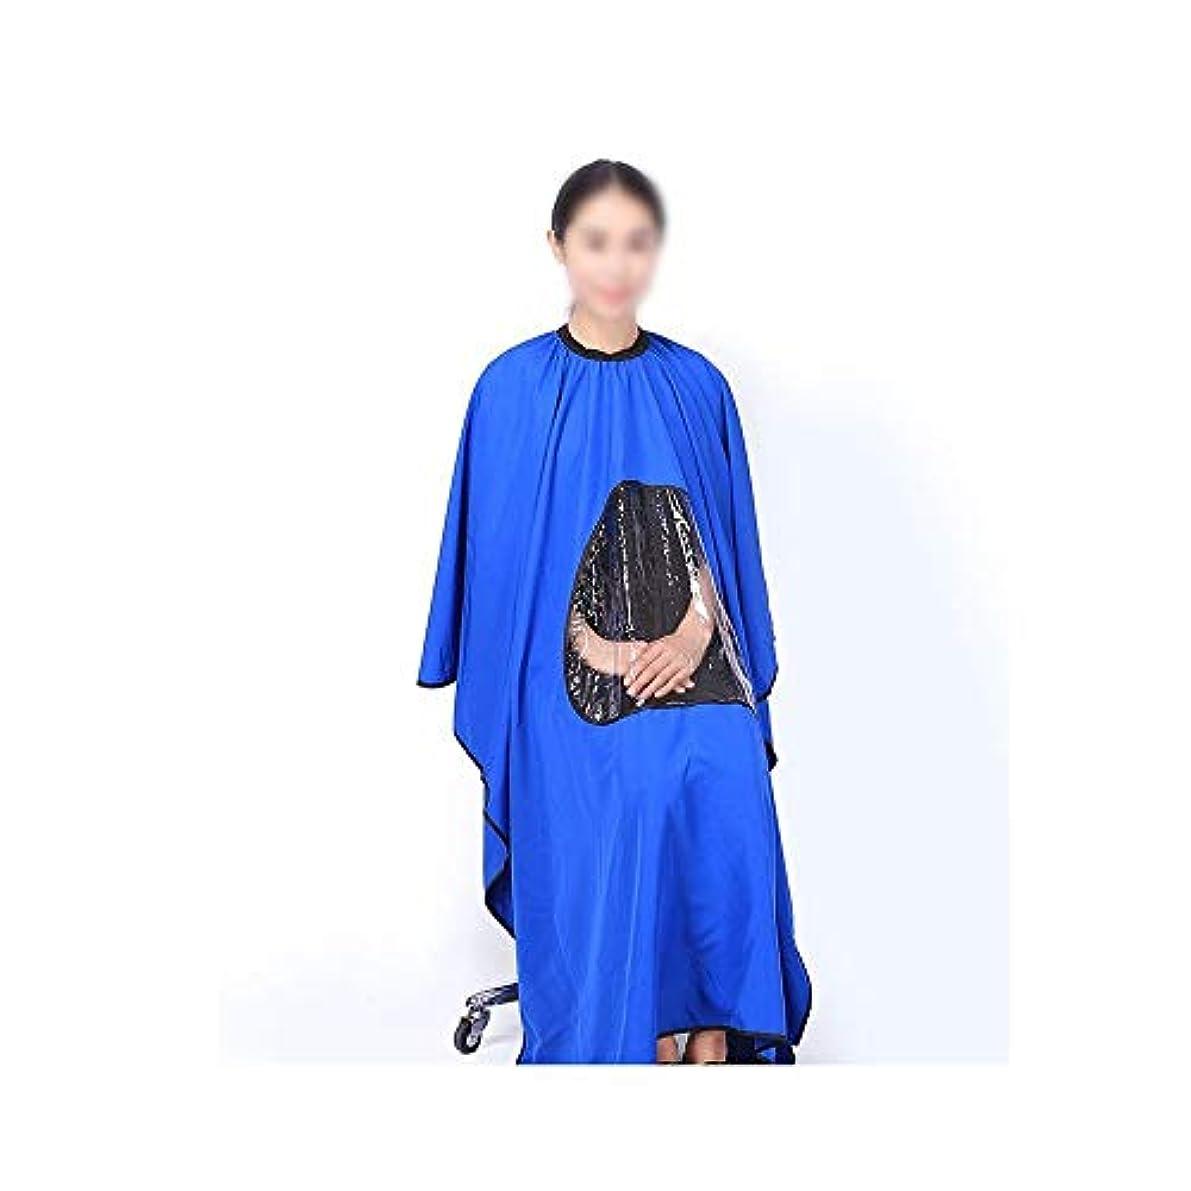 ねじれ増幅器ハブブ黒い理髪ケープ布全身サロン髪カットガウン ヘアケア (色 : 青)